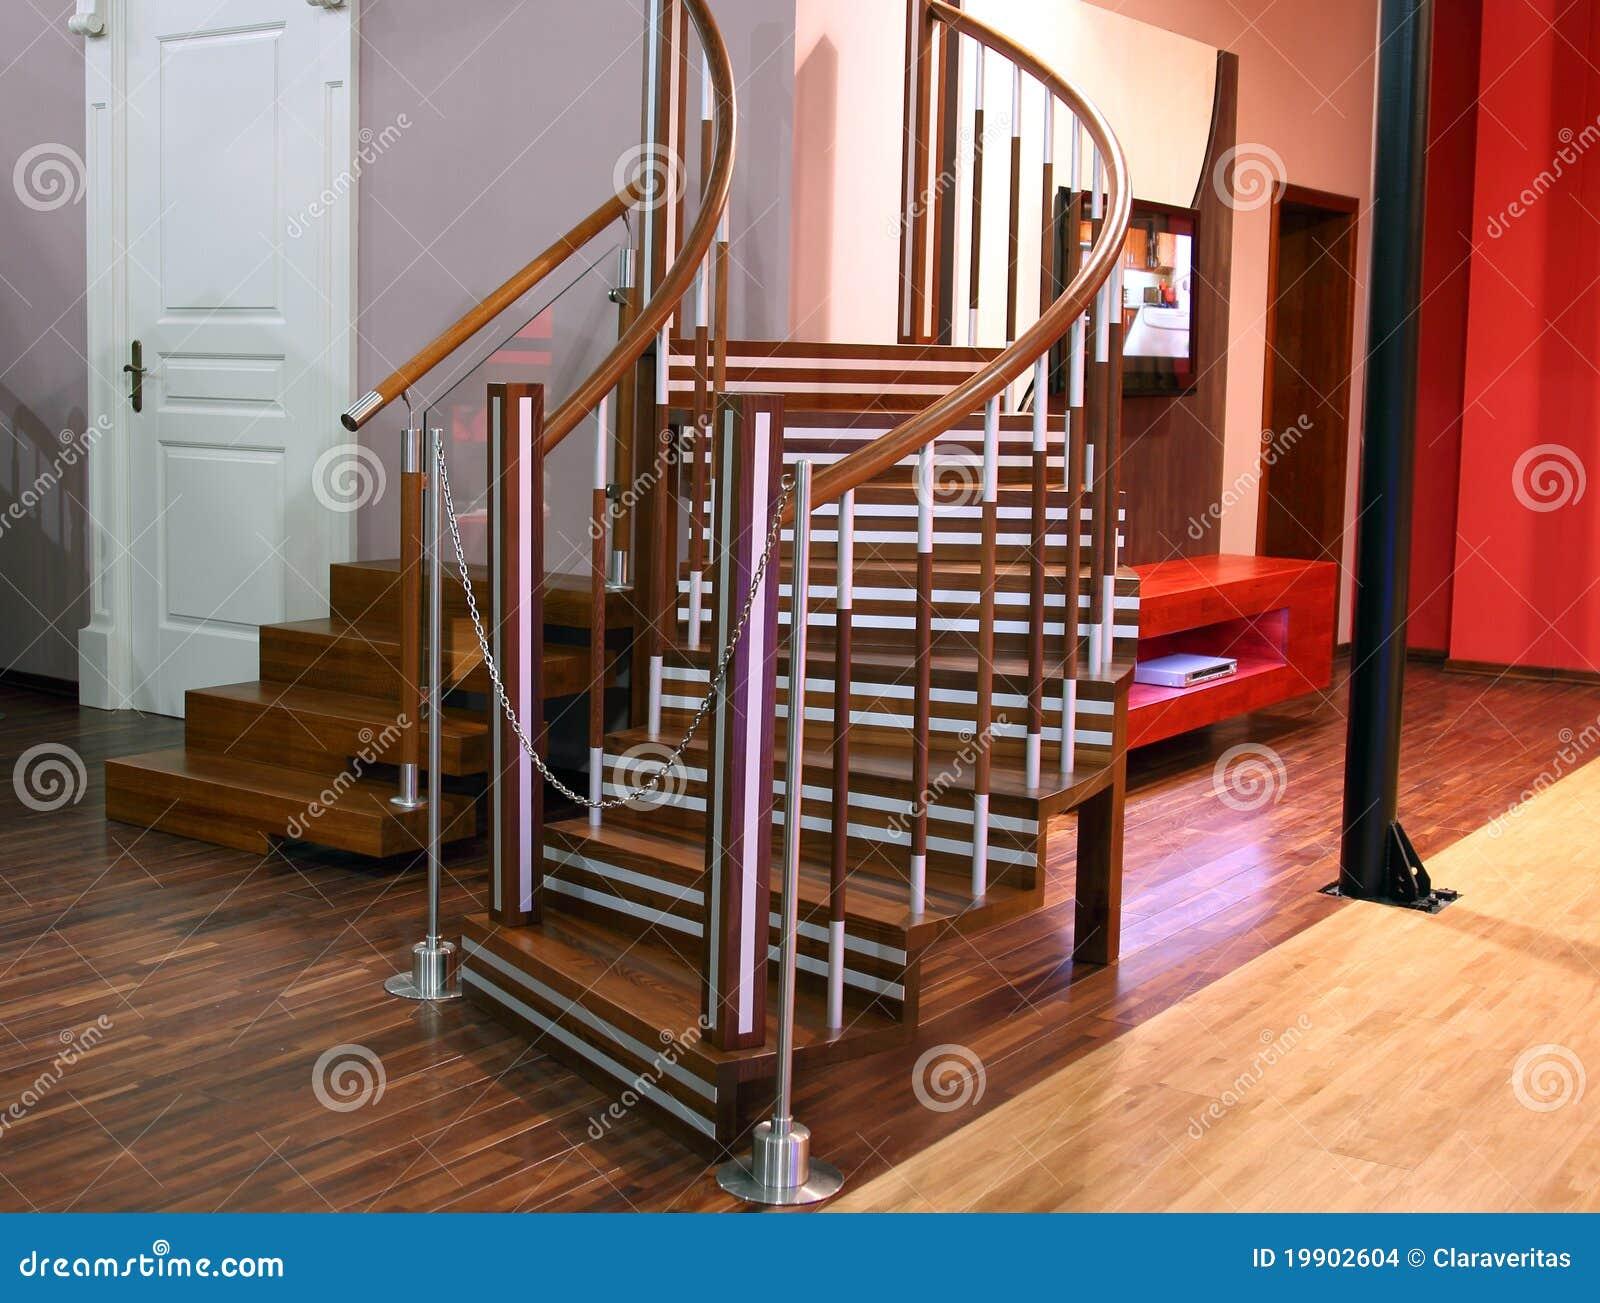 Moderne Treppen Für Wohnzimmer Stockfoto - Bild von expo, wand: 19902604